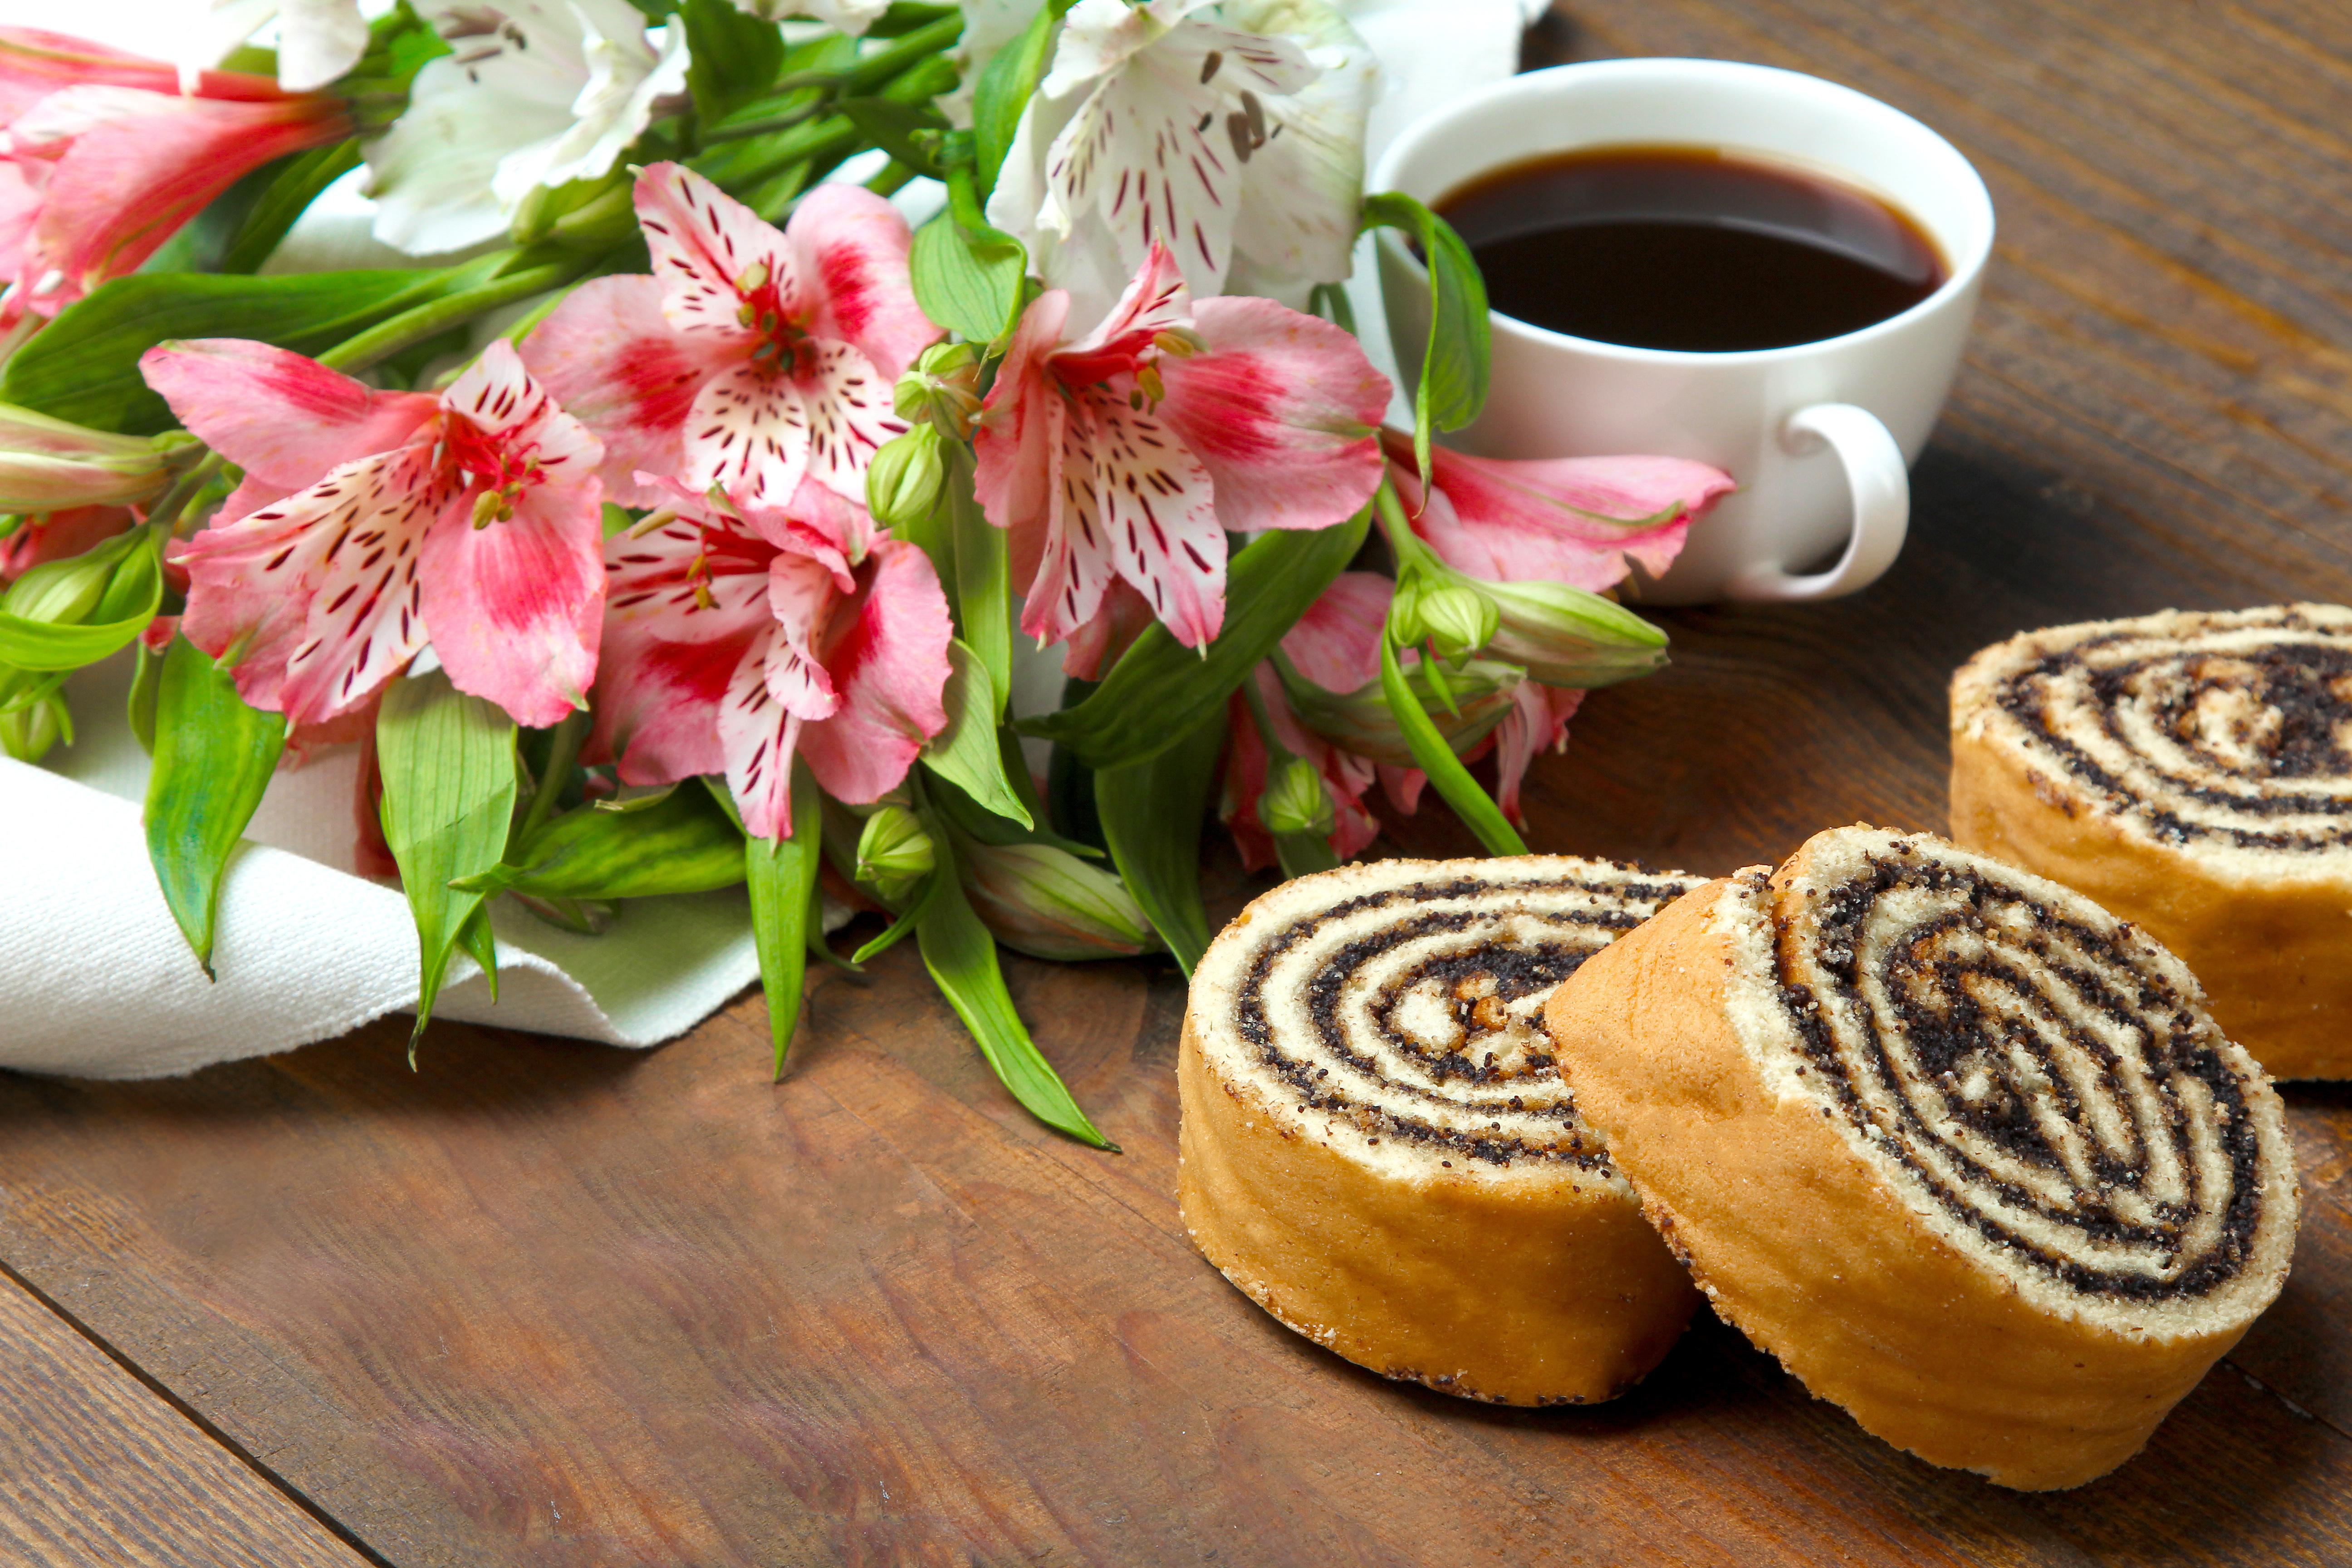 комплектом картинки с добрым утром торт и кофе цветы накачать